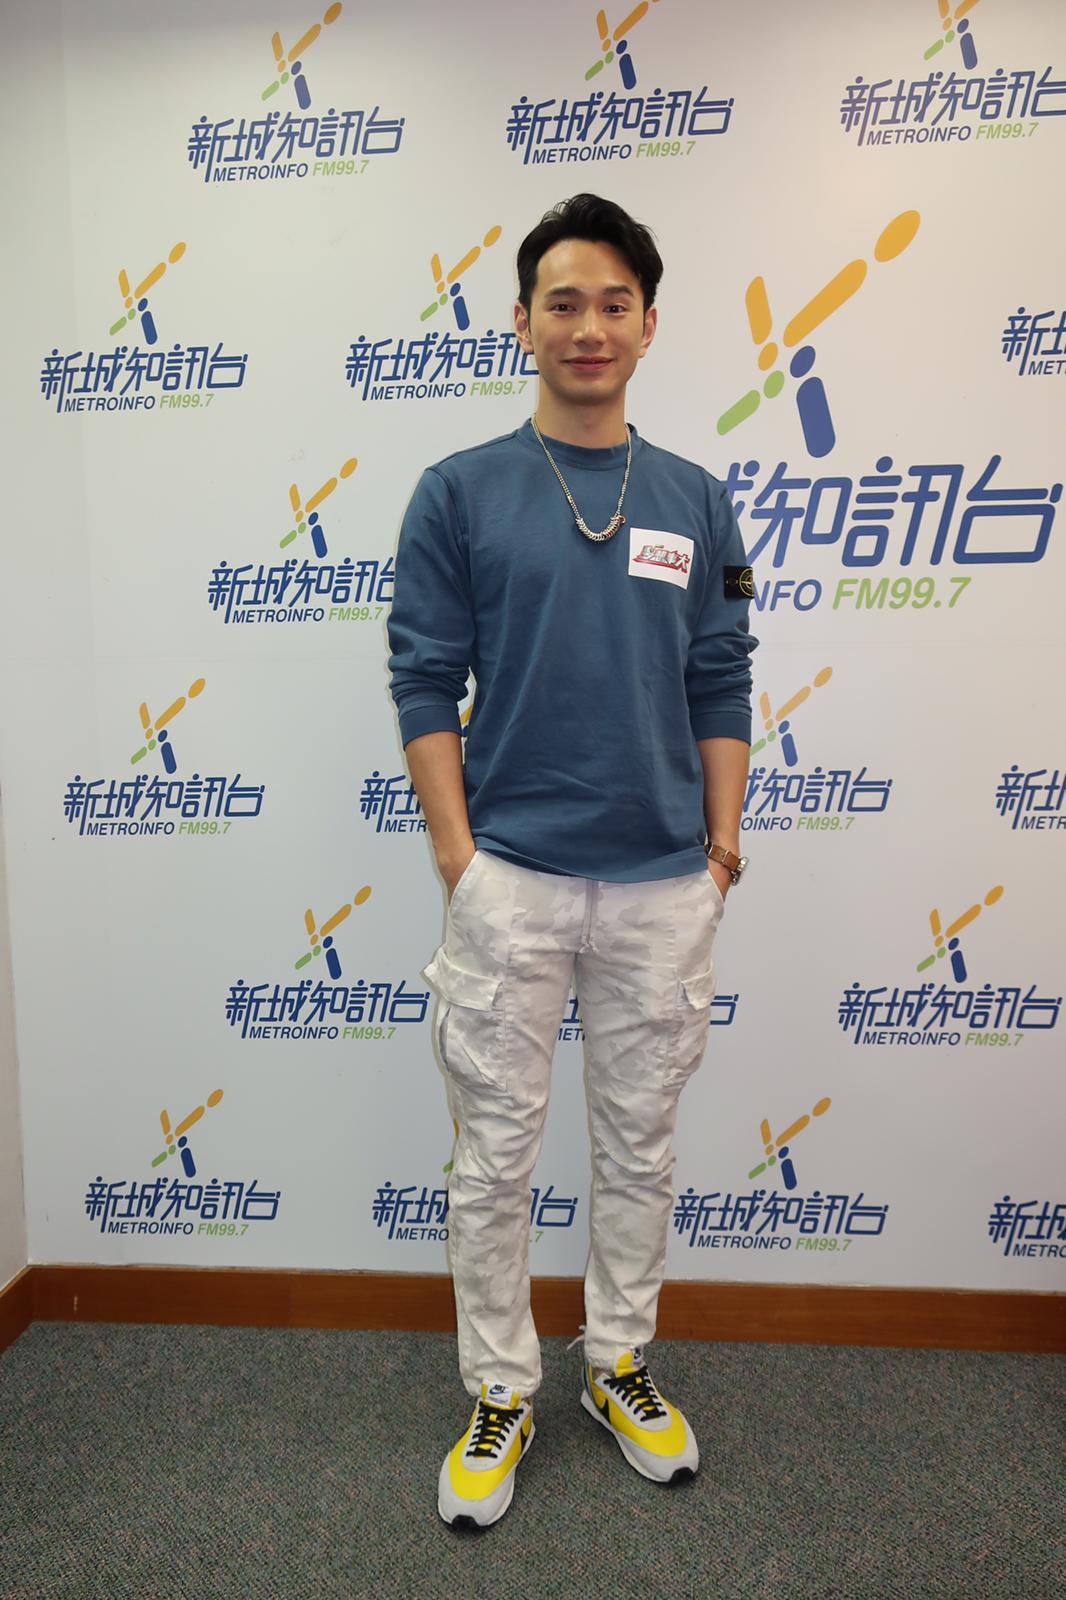 王梓軒謂參加歌唱比賽最重要有熱情。